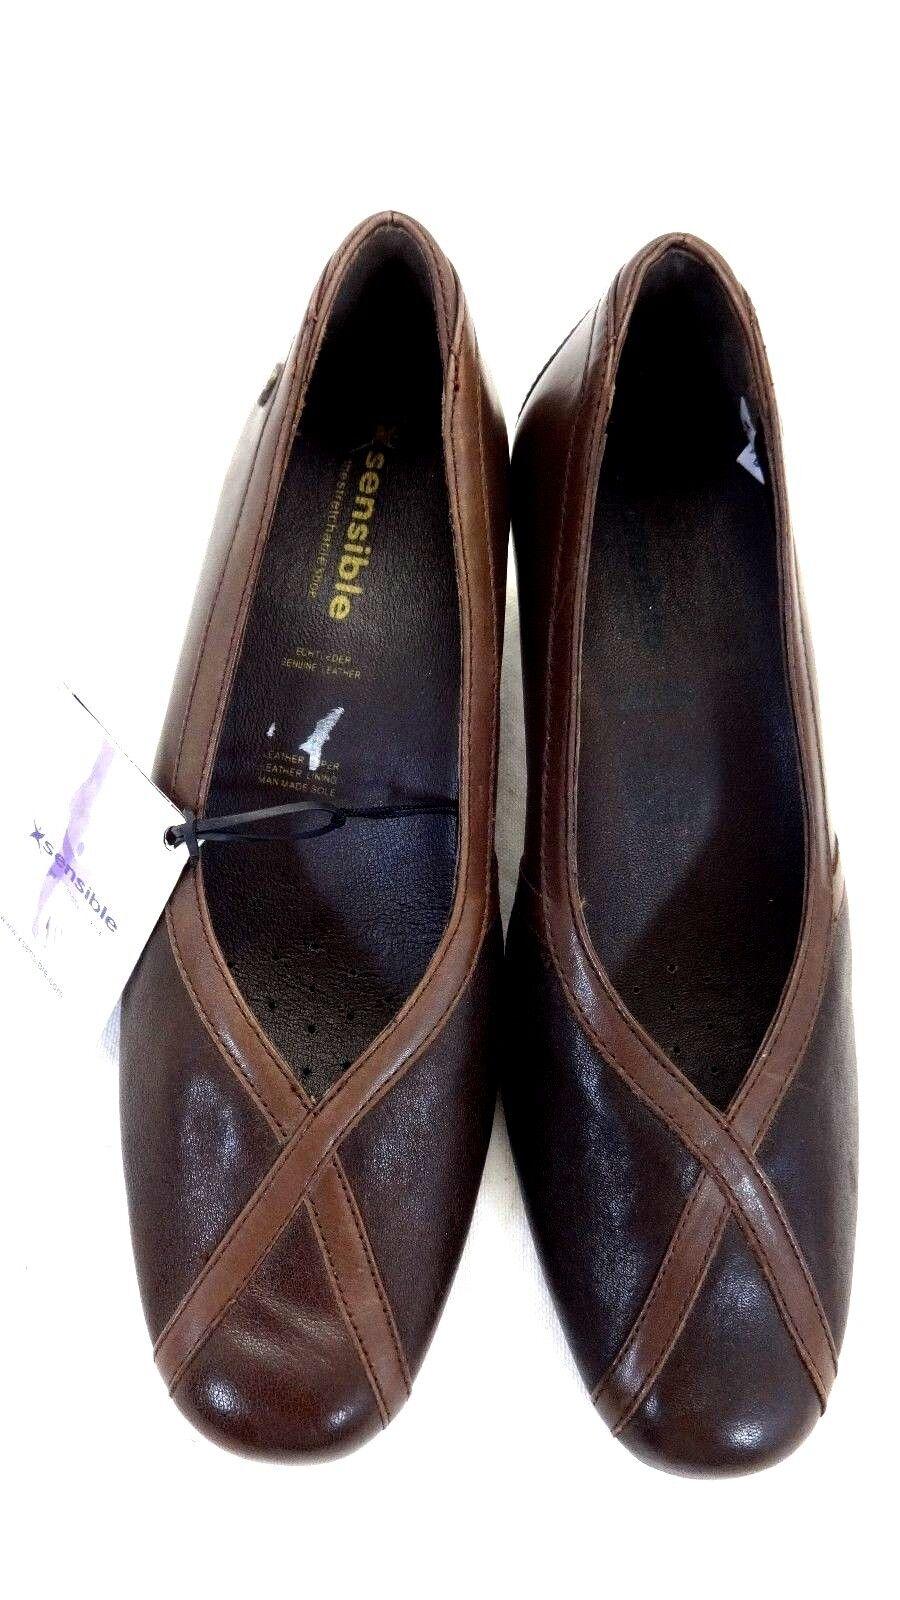 Neuf avec Étiquettes Sensible femmes Brun Cuir Talon Pompes Chaussures Taille